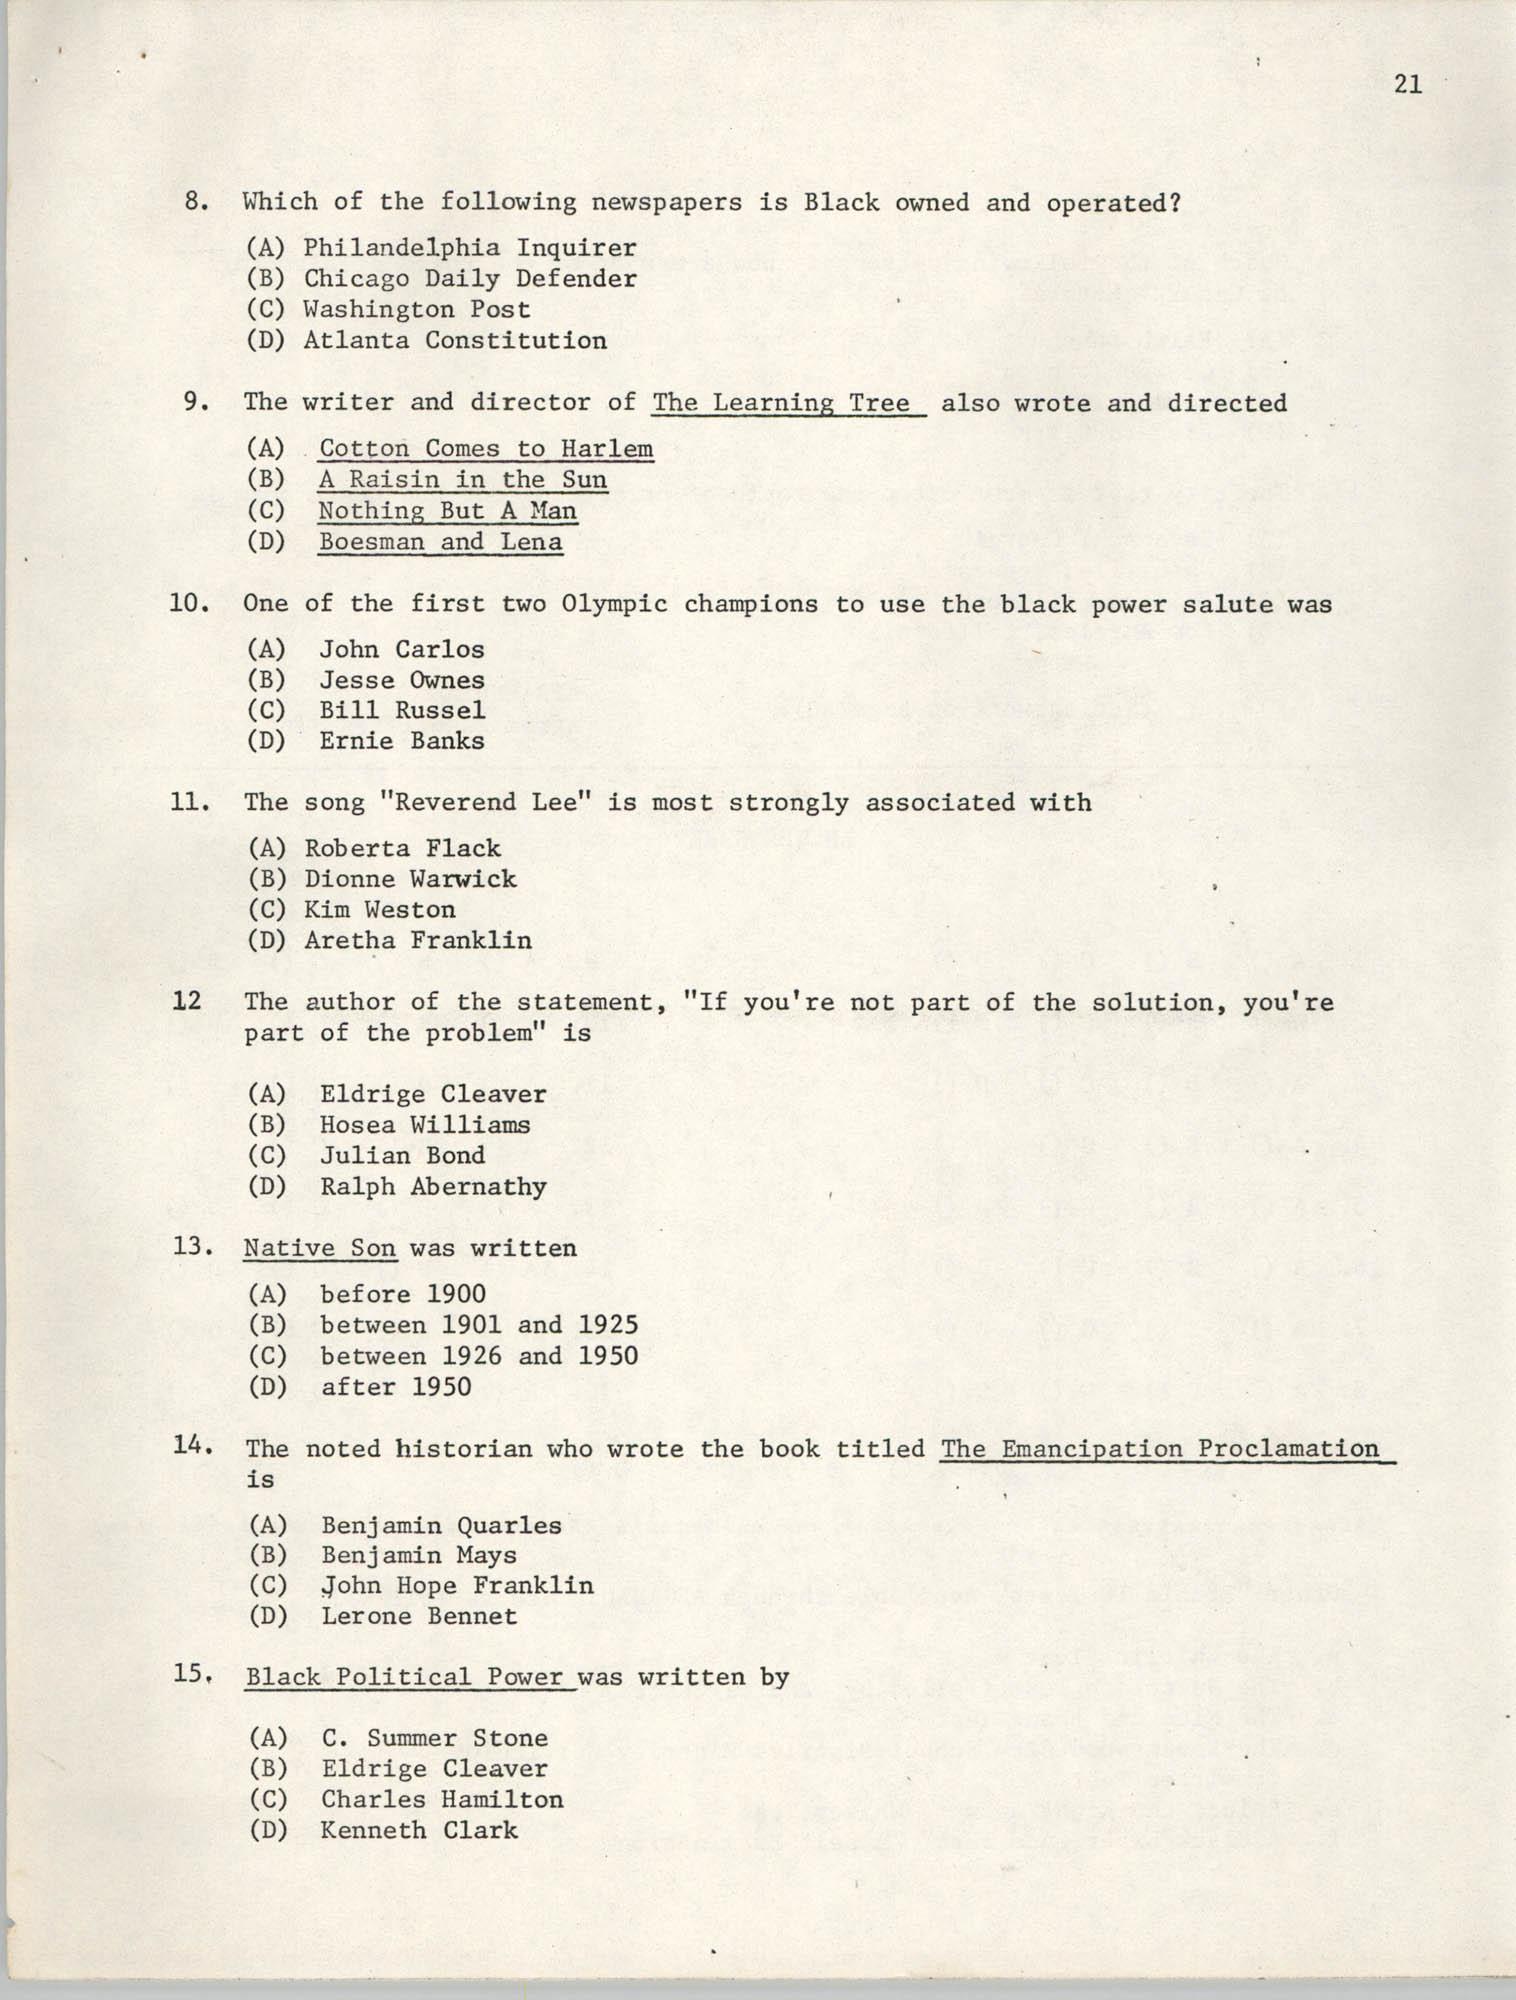 SHARE, Volume I, Number 8, April 1973, Page 21